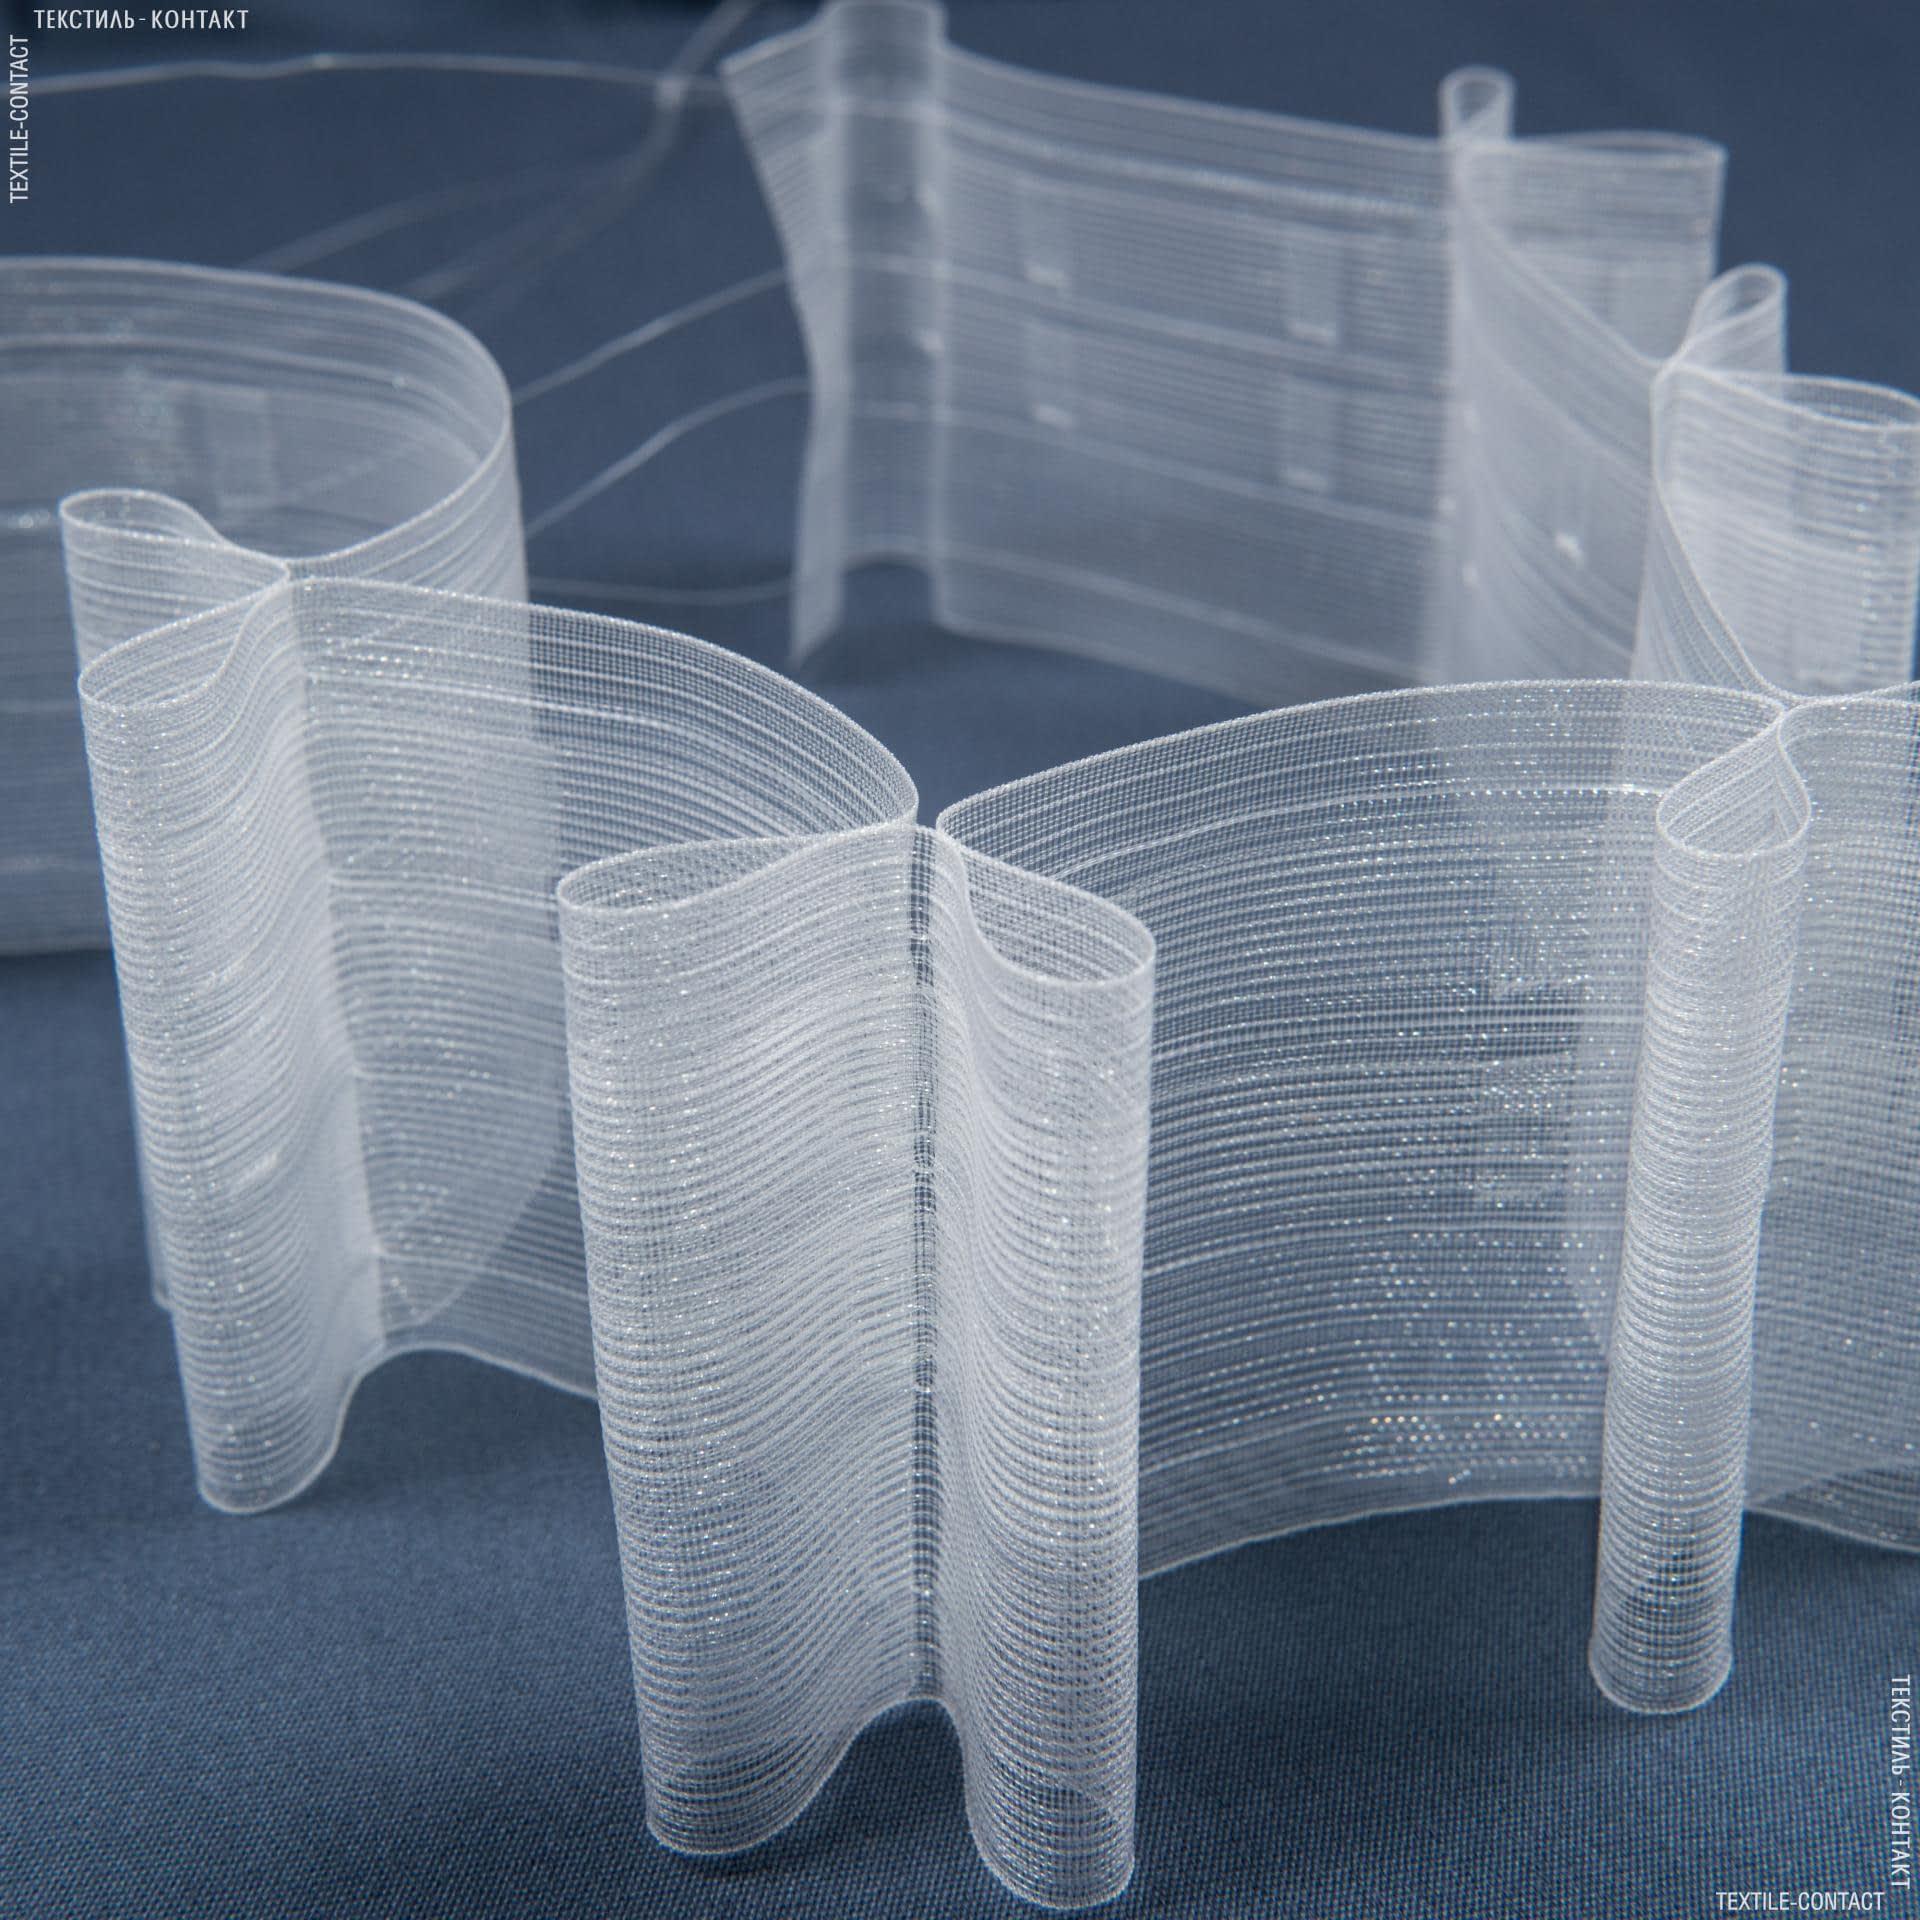 Ткани фурнитура для дома - ТЕСЬМА ШТОРНАЯ КС-1:2.5 80мм±0.5мм/100м прозрач Бантовые разноширокие